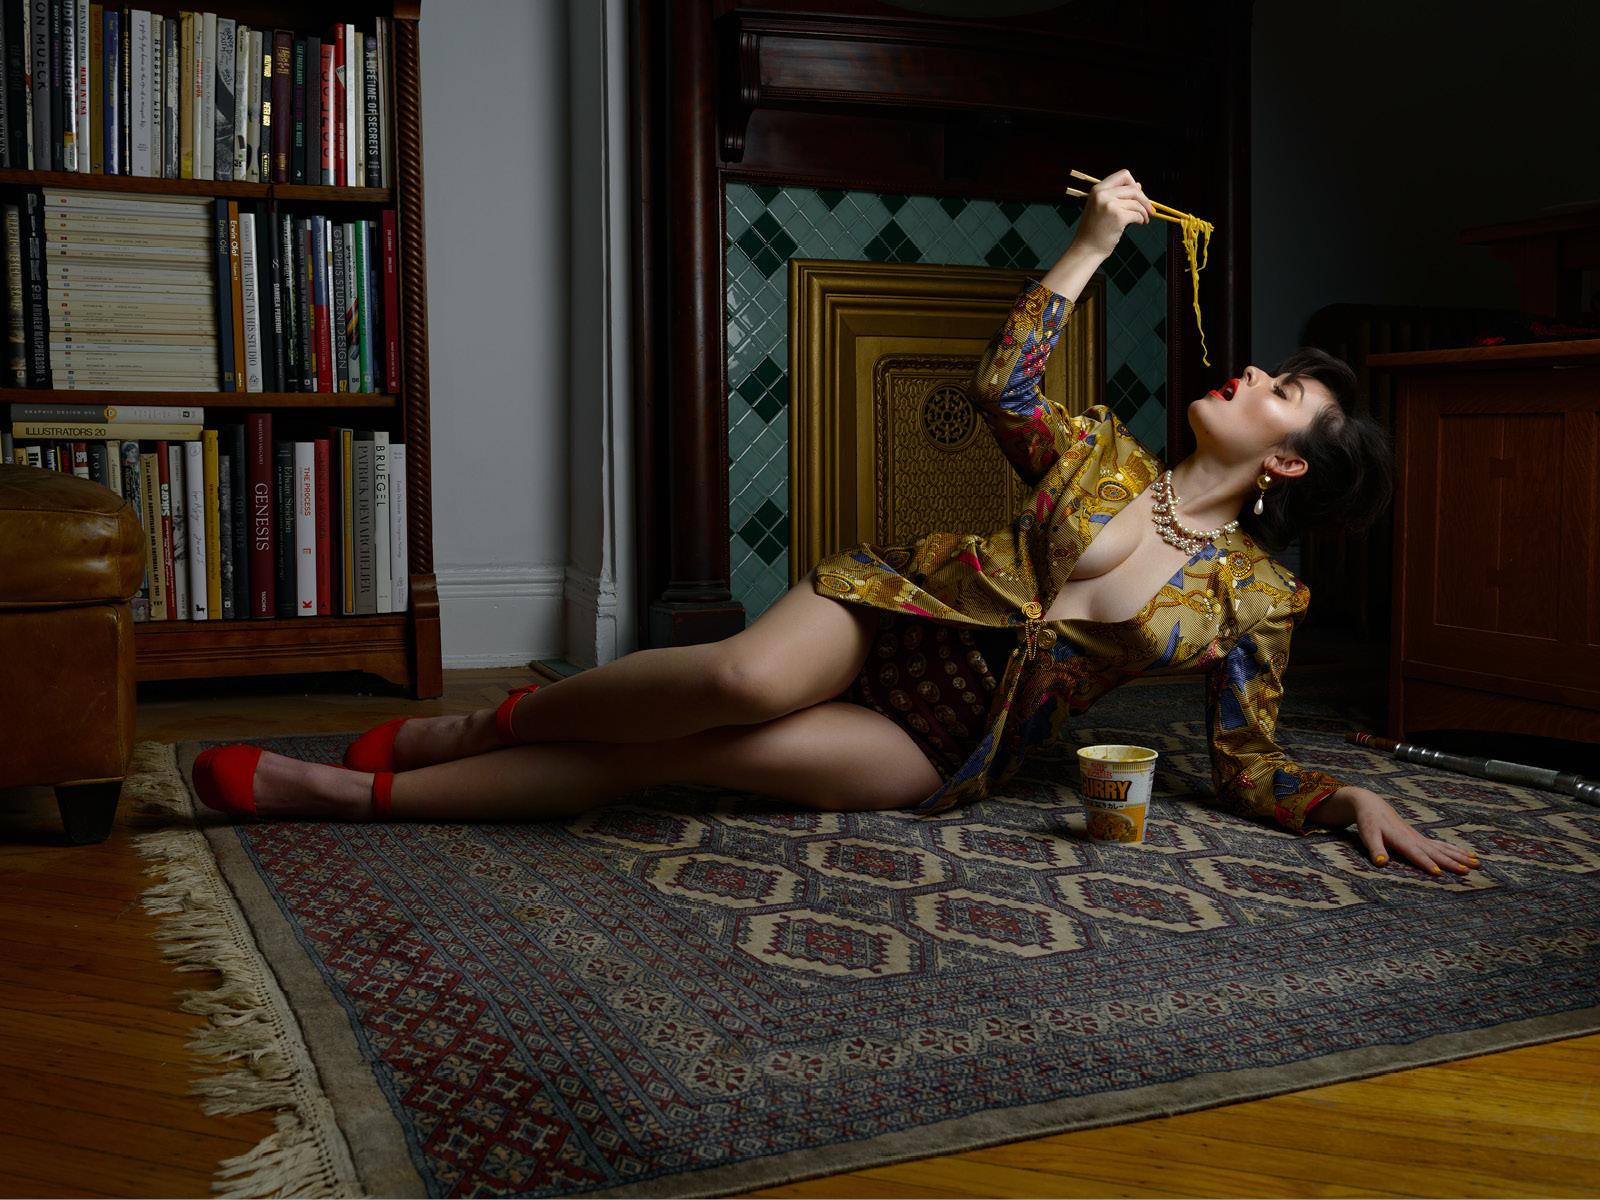 Spirit-&-Flesh-Magazine_Cecilia-Gault_4